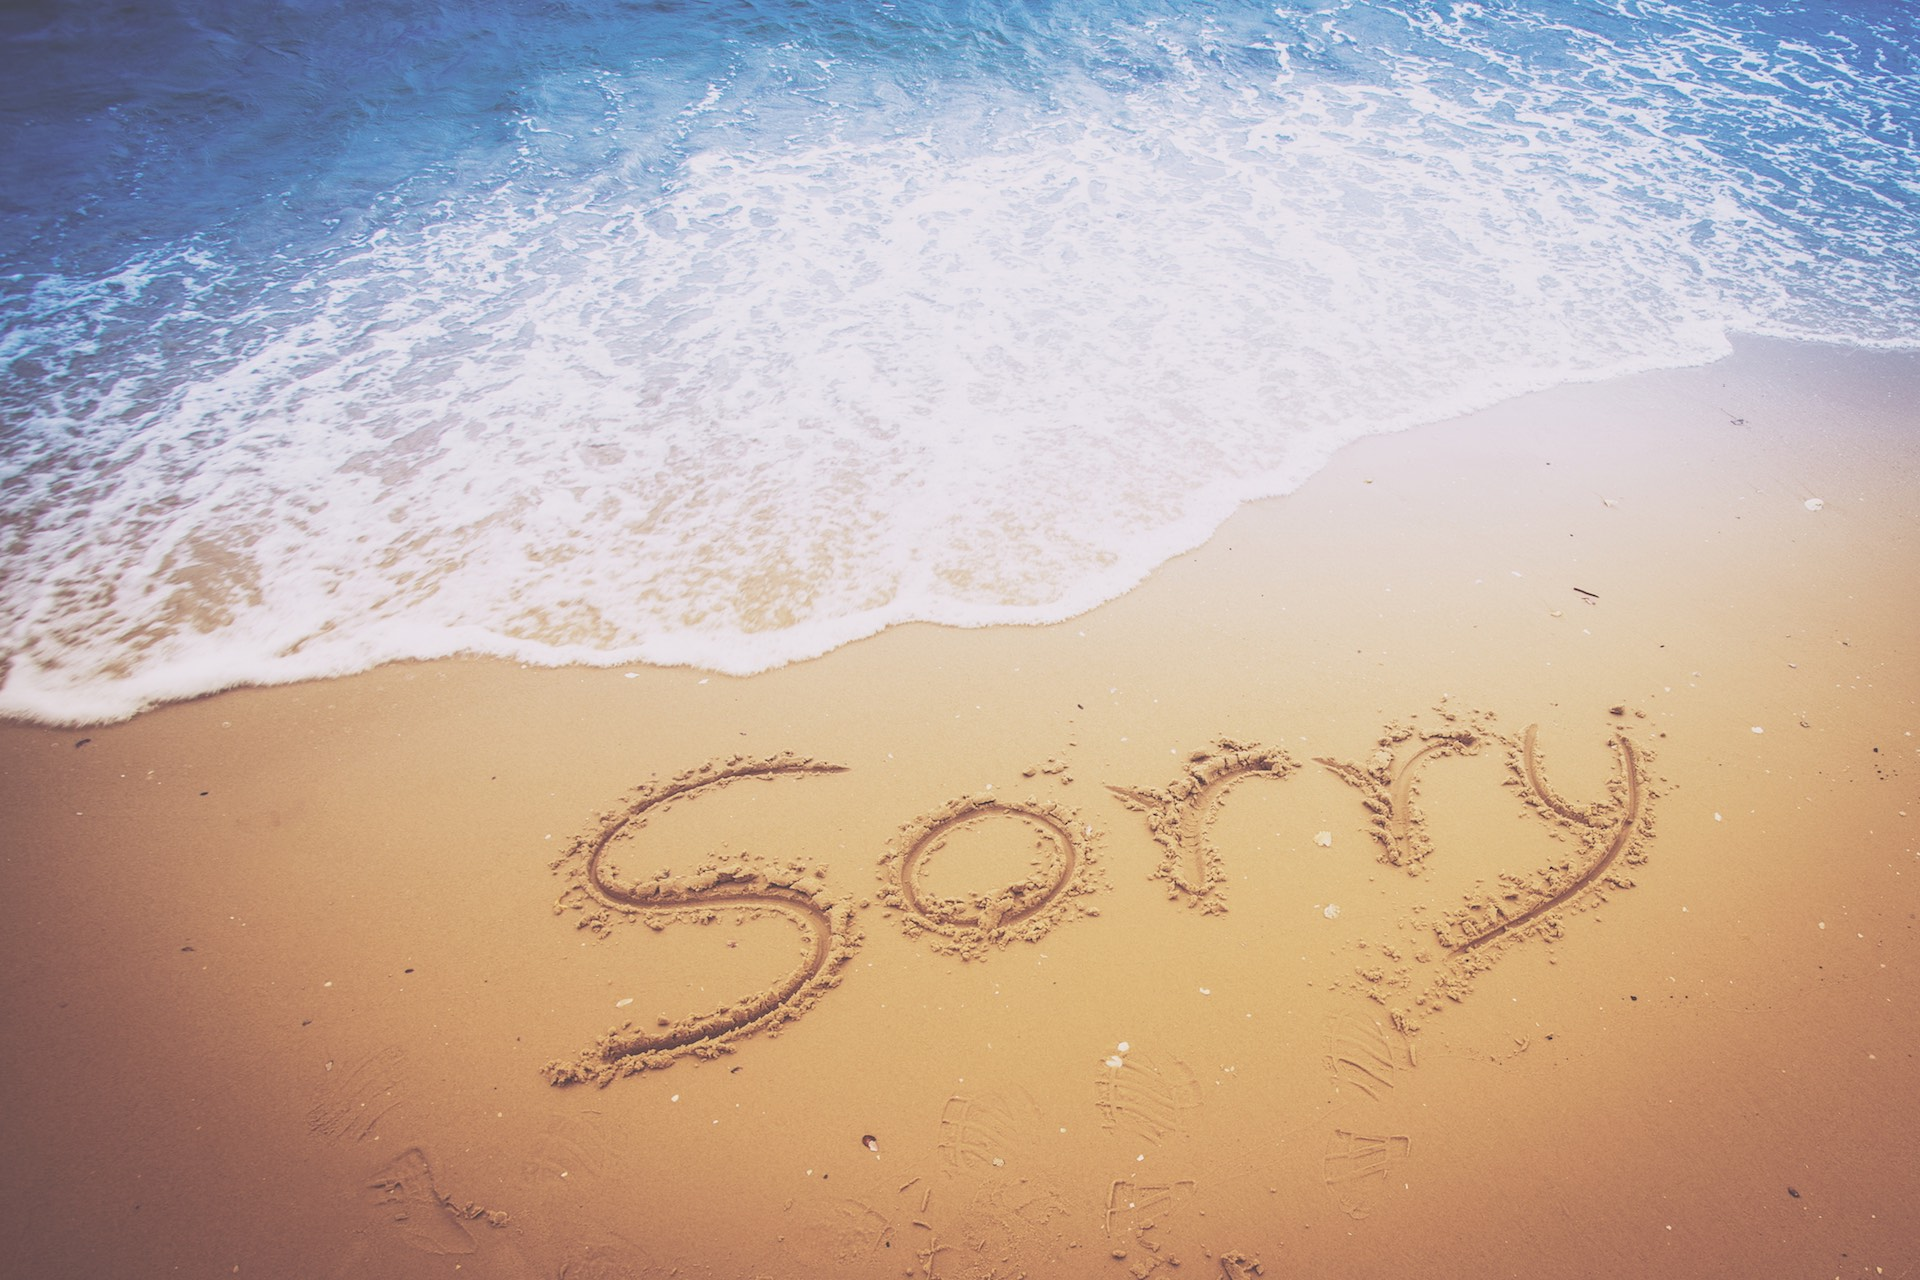 即使沒錯也習慣先說抱歉?掌握四點道歉的藝術